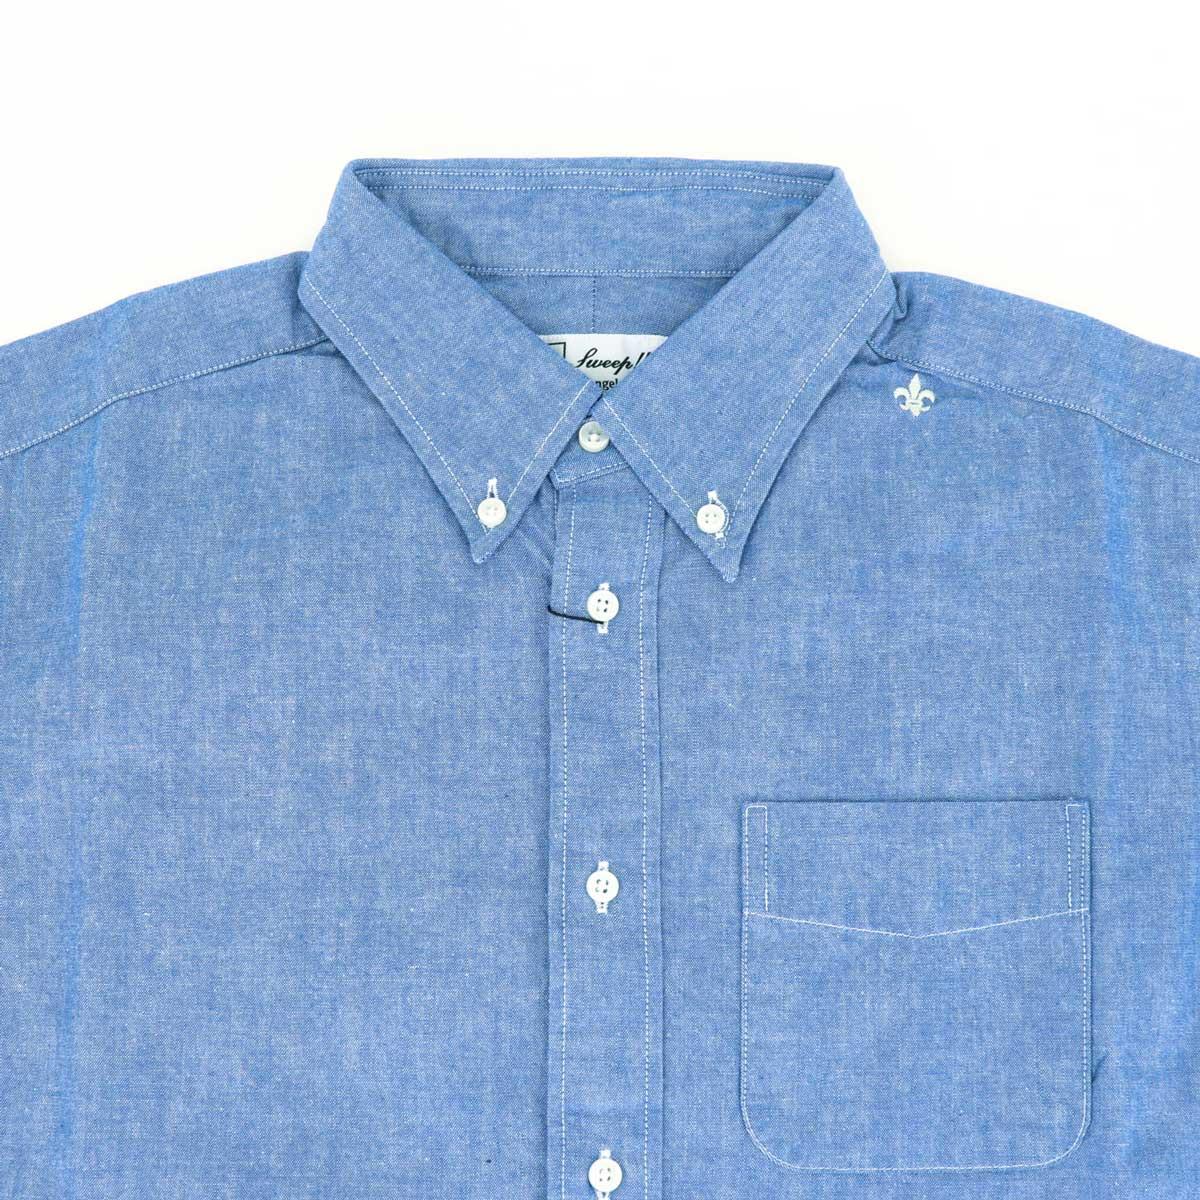 シャンブレー ボタンダウンシャツ(BLUE)